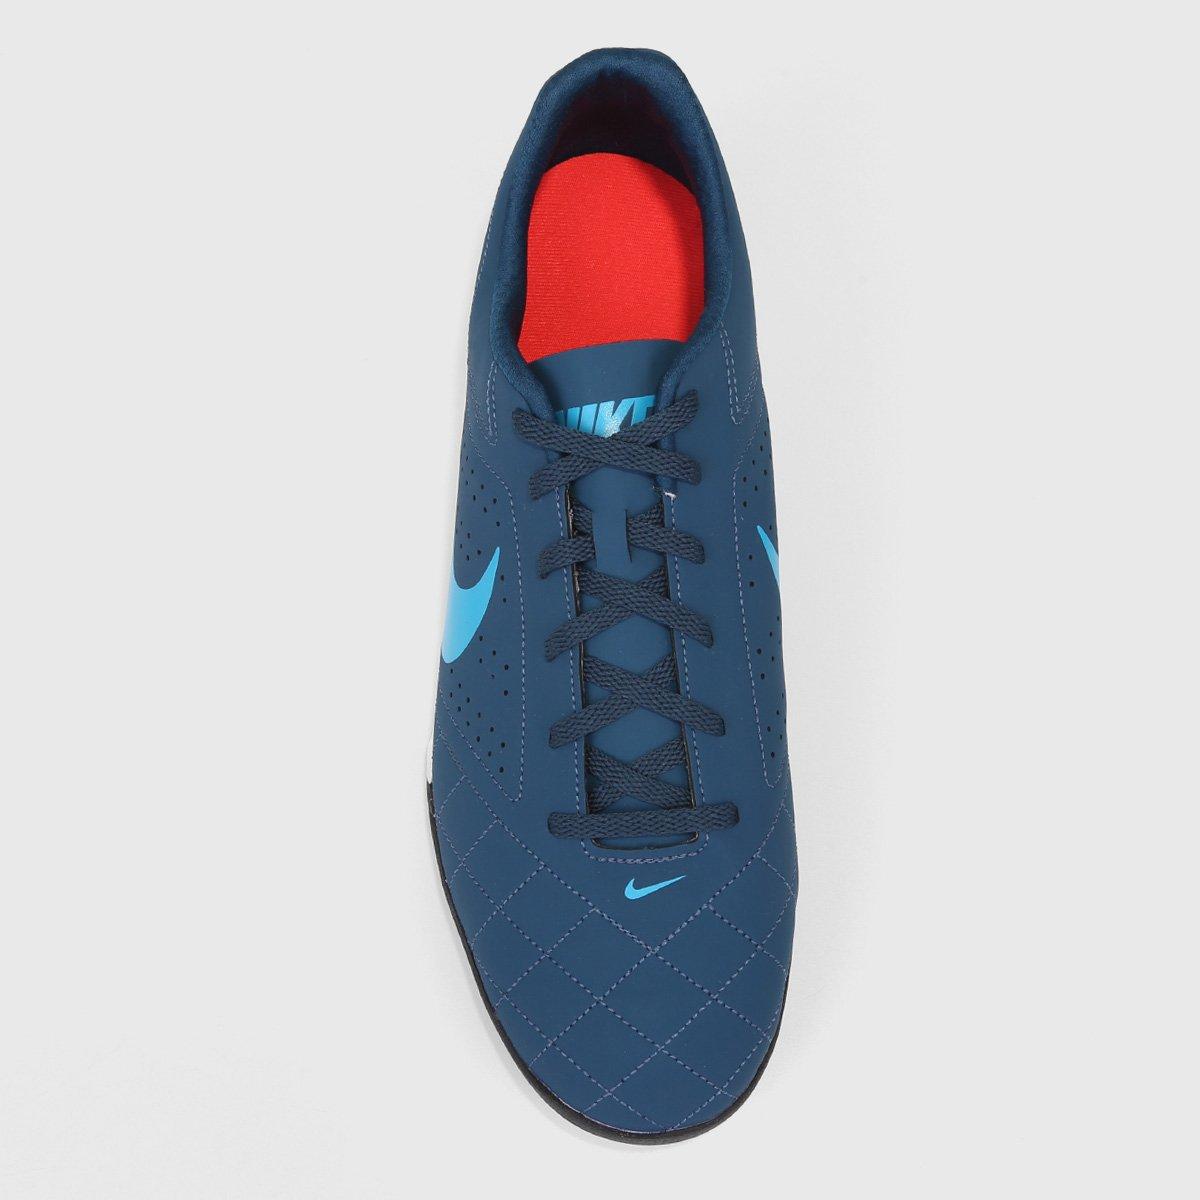 6557619eaf Chuteira Futsal Nike Beco 2 Futsal - Marinho - Compre Agora